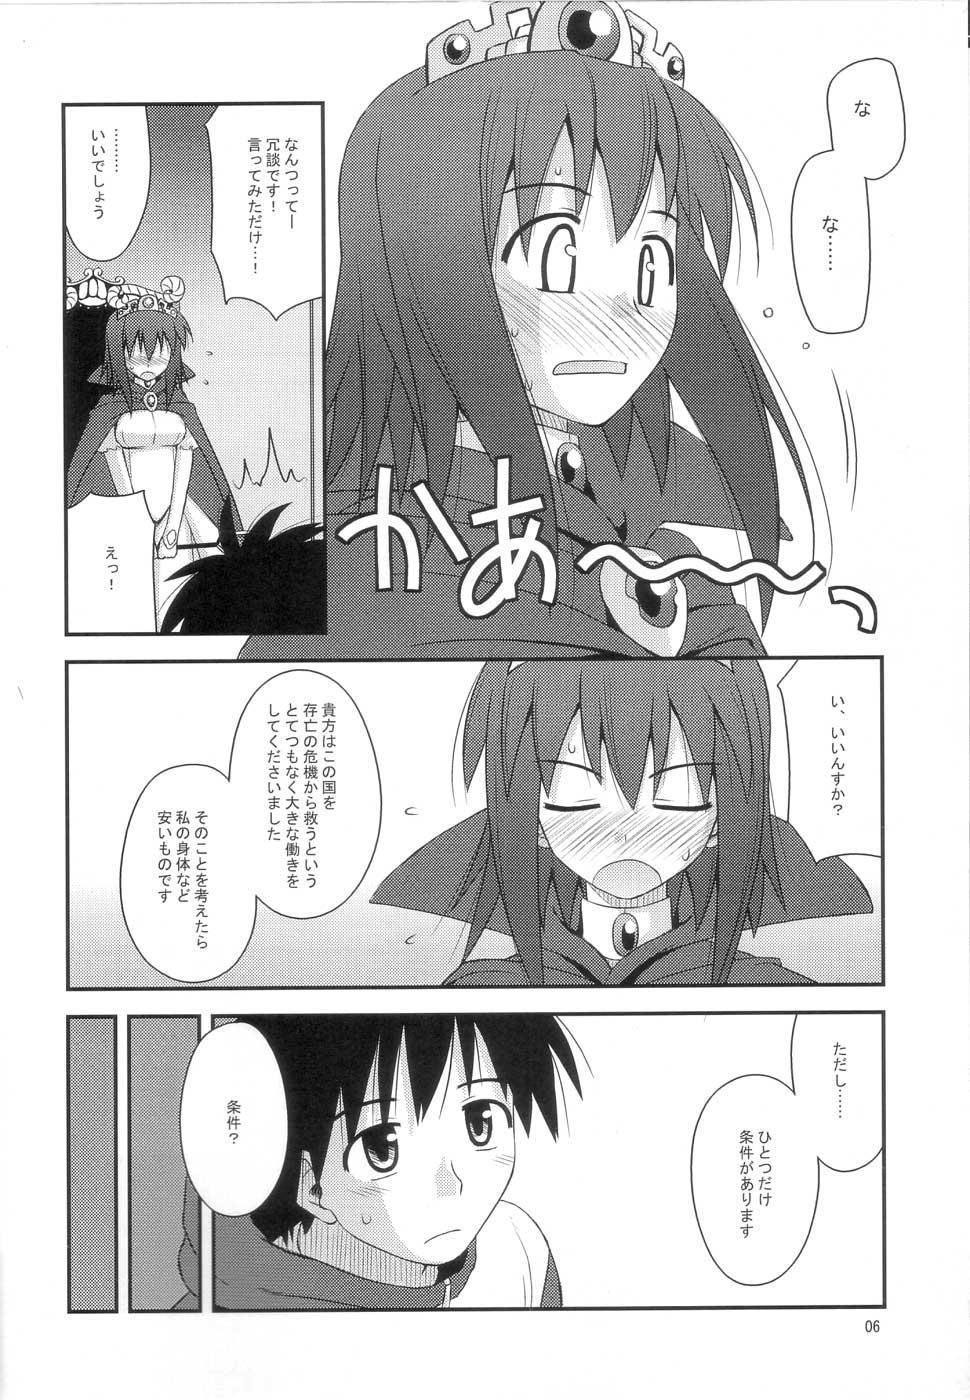 Himesama Rendez-vous 4